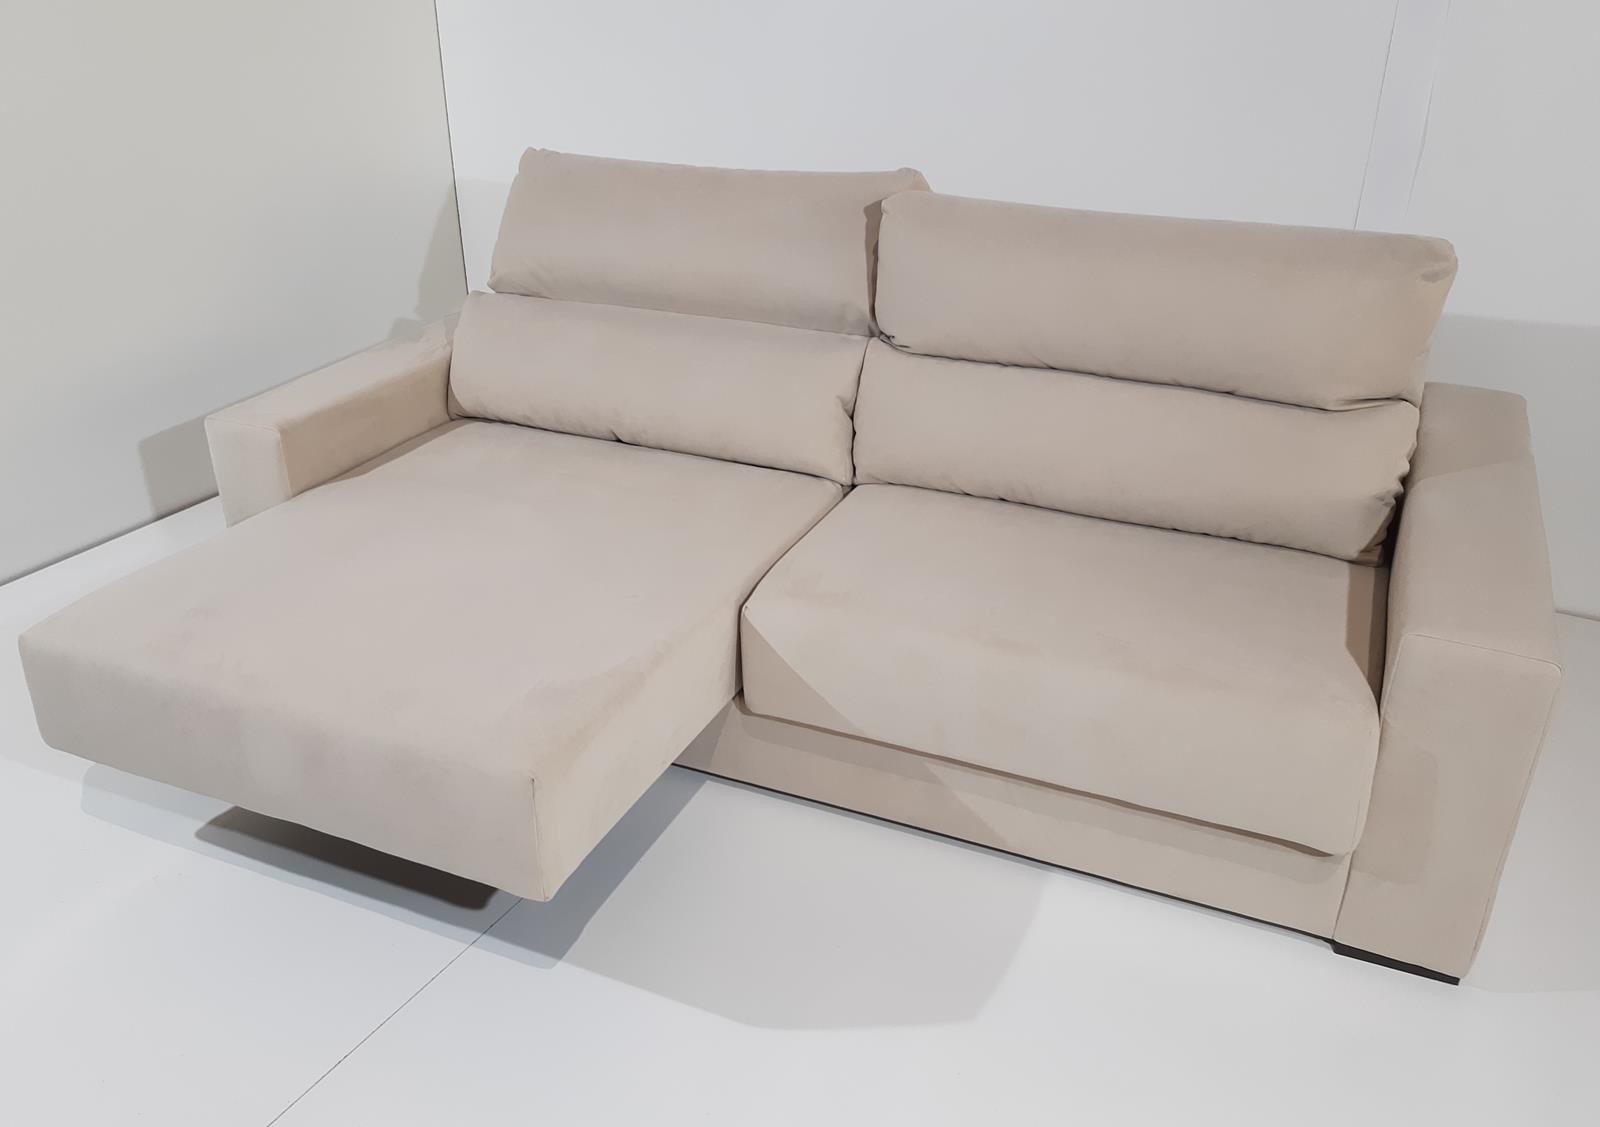 Sofá 7900 Top - Retrátil/Reclinável  (A)